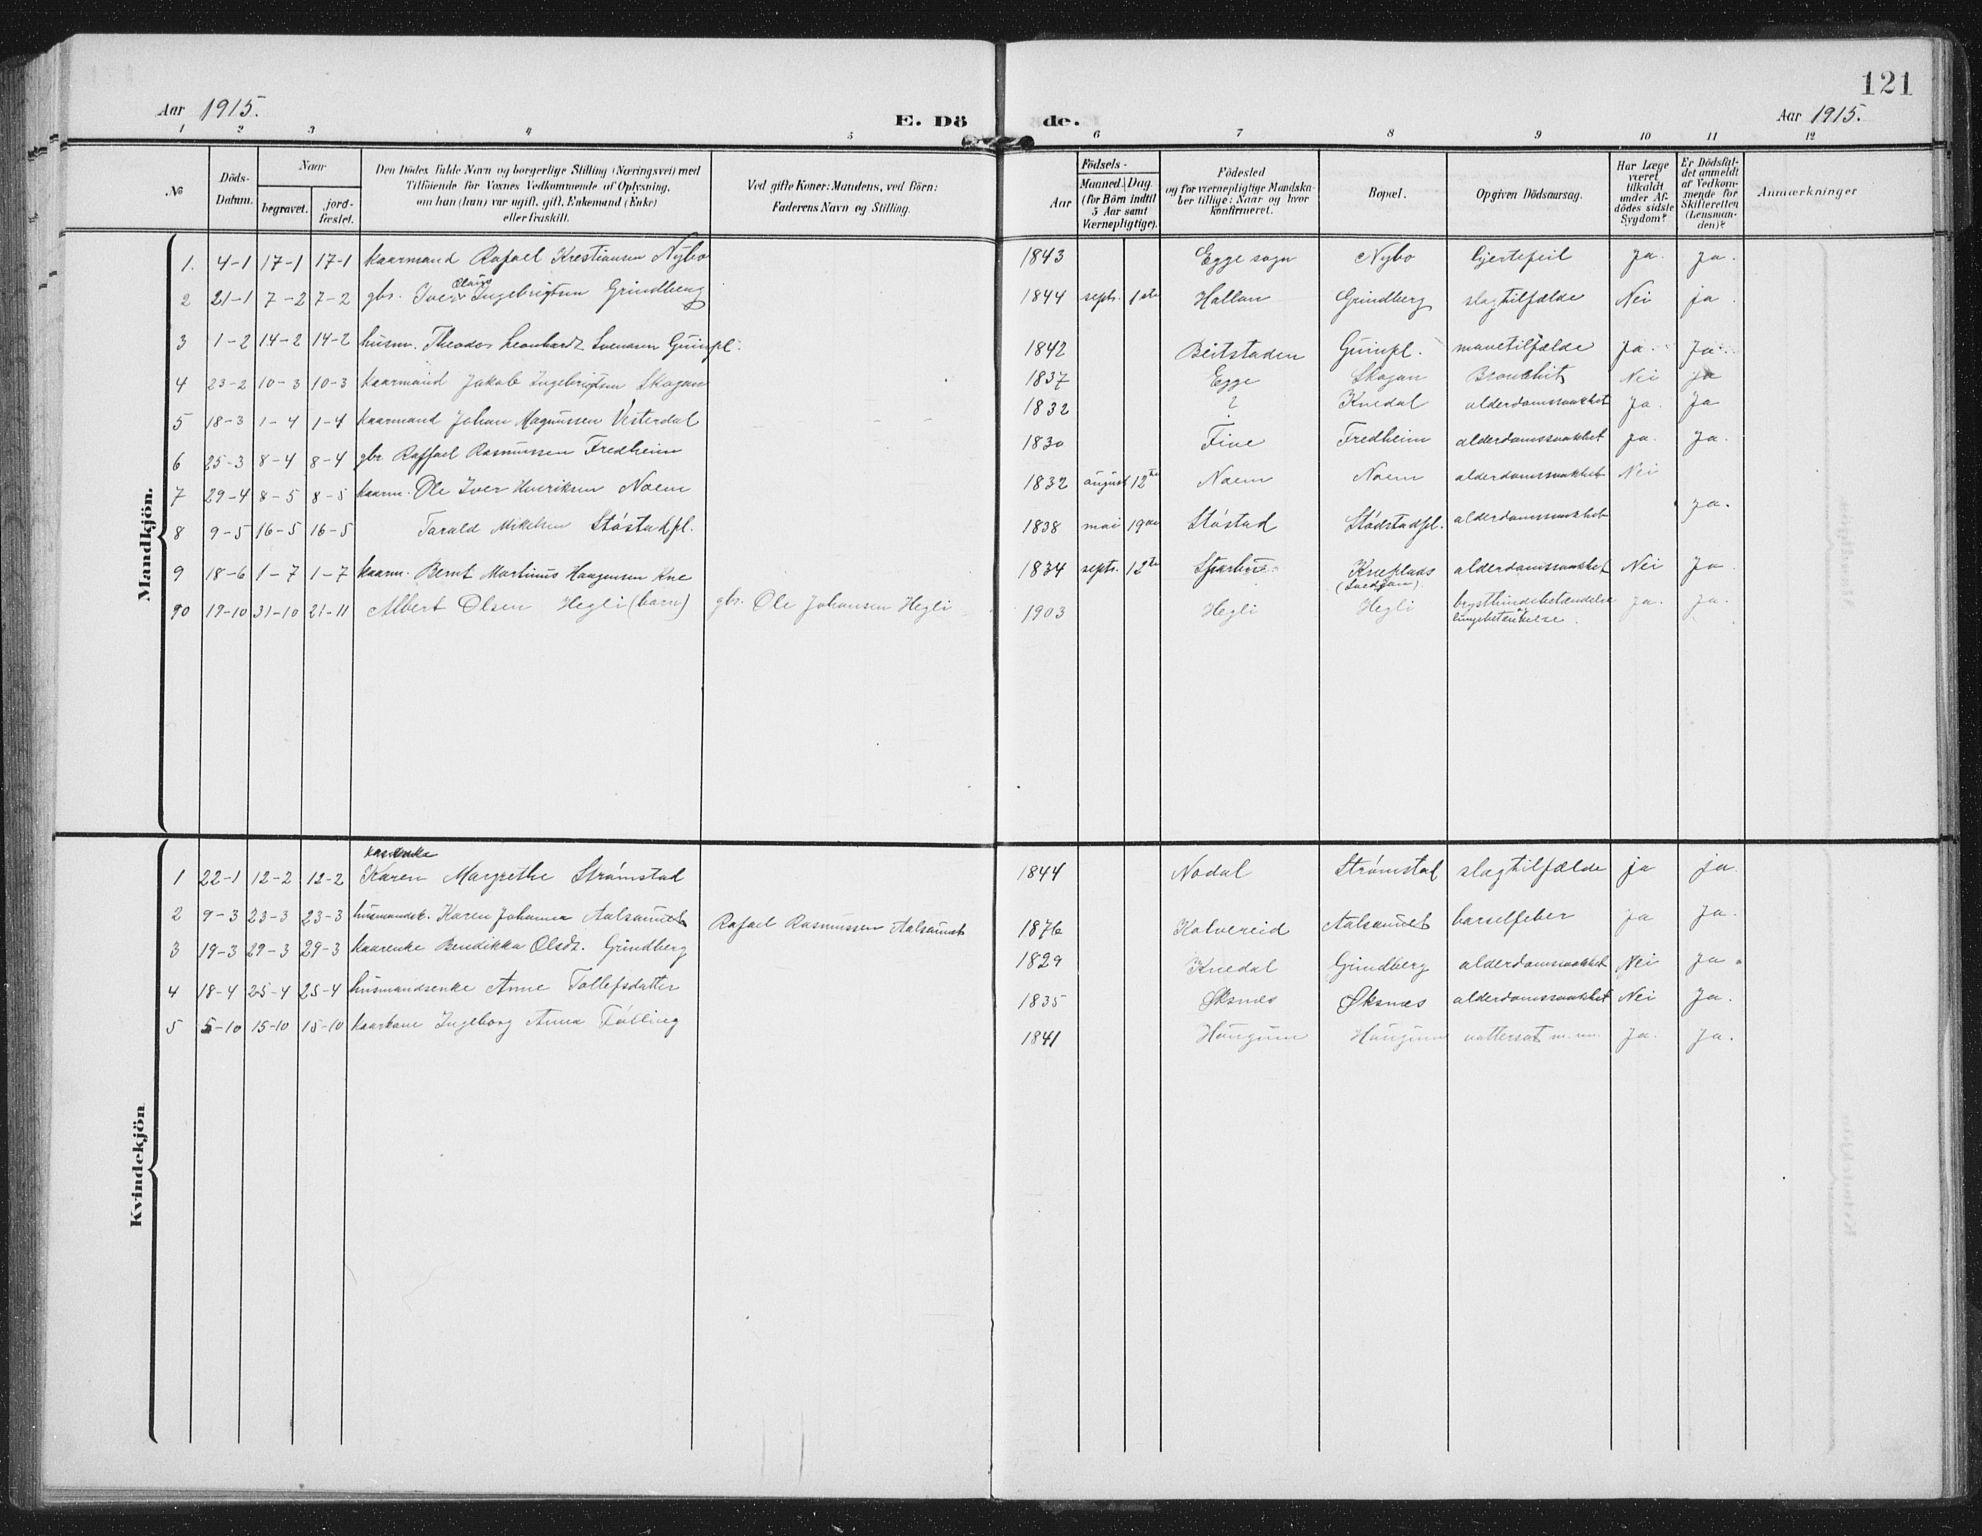 SAT, Ministerialprotokoller, klokkerbøker og fødselsregistre - Nord-Trøndelag, 747/L0460: Klokkerbok nr. 747C02, 1908-1939, s. 121